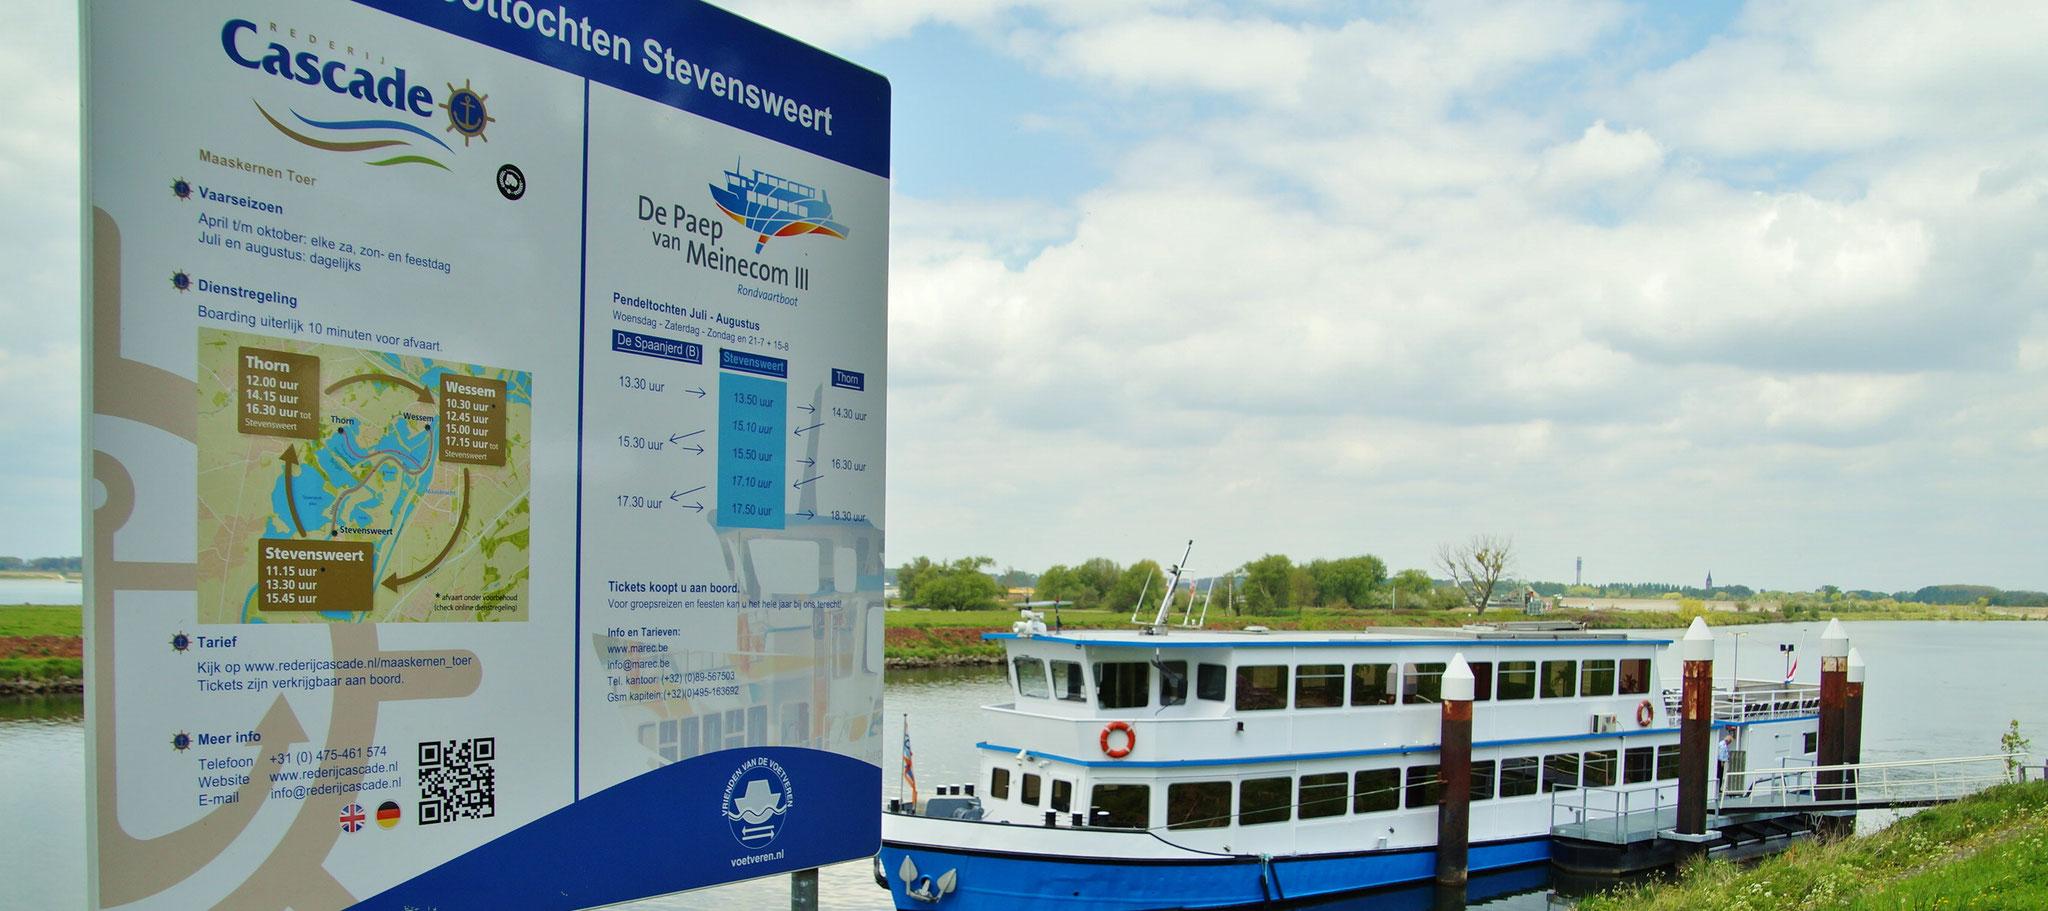 Bootstouren nach Thorn und Wessem sind möglich